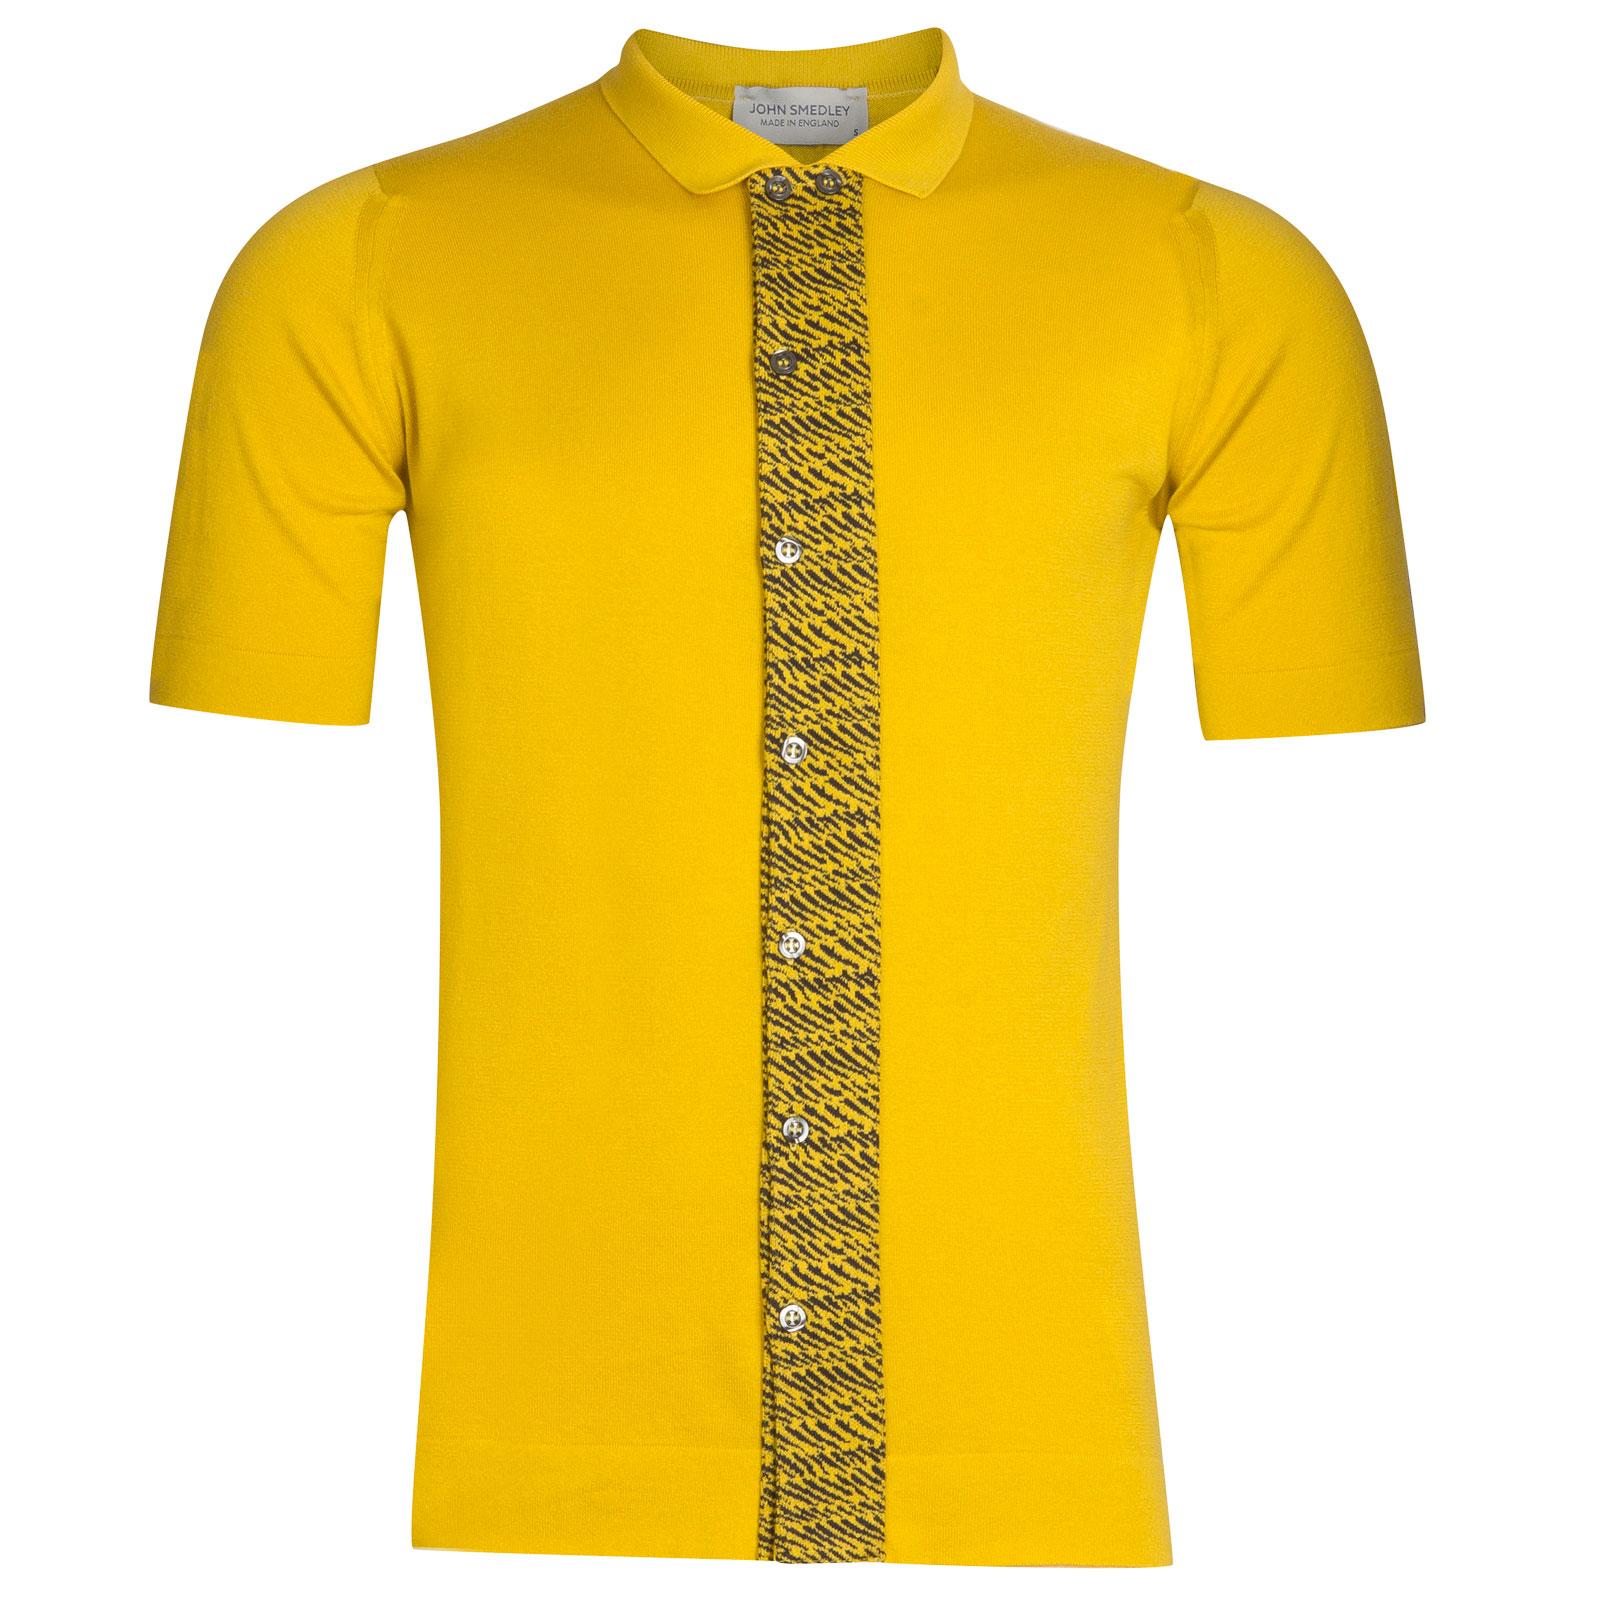 John Smedley Ackington Sea Island Cotton Polo Shirt in Tailors